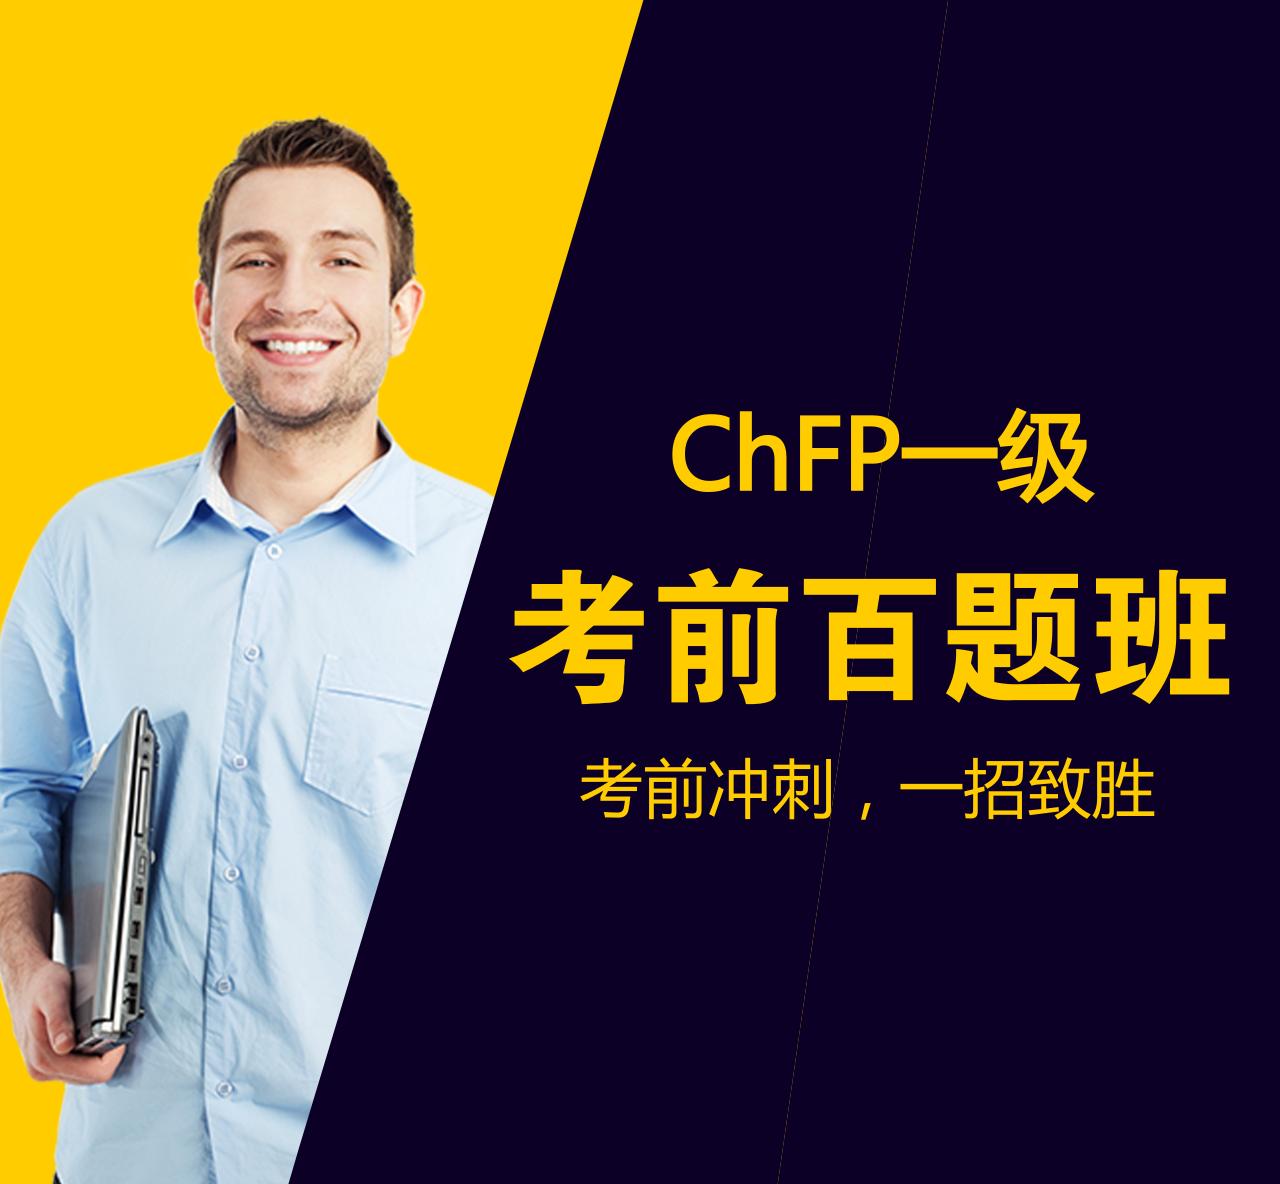 ChFP一级百题班